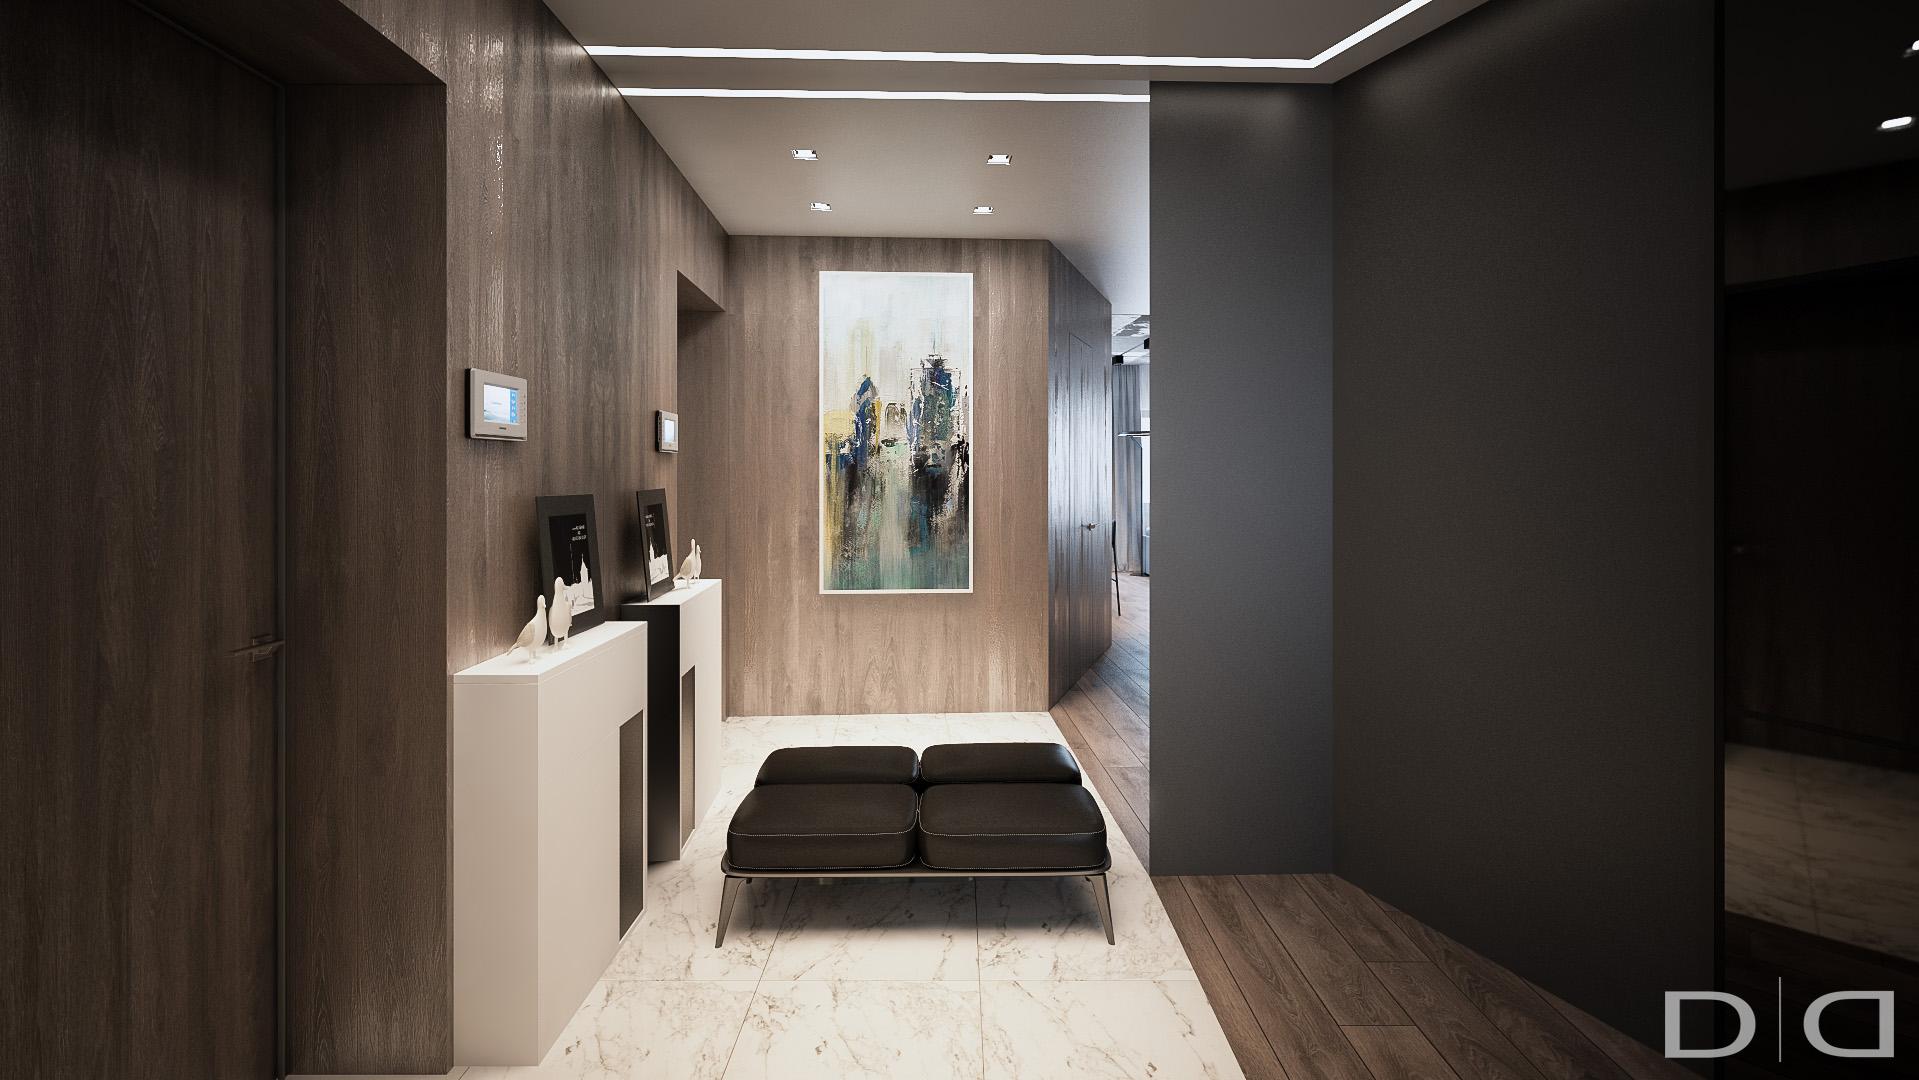 dd-interior_loft_studio_design_kvartir_minsk-0255-9